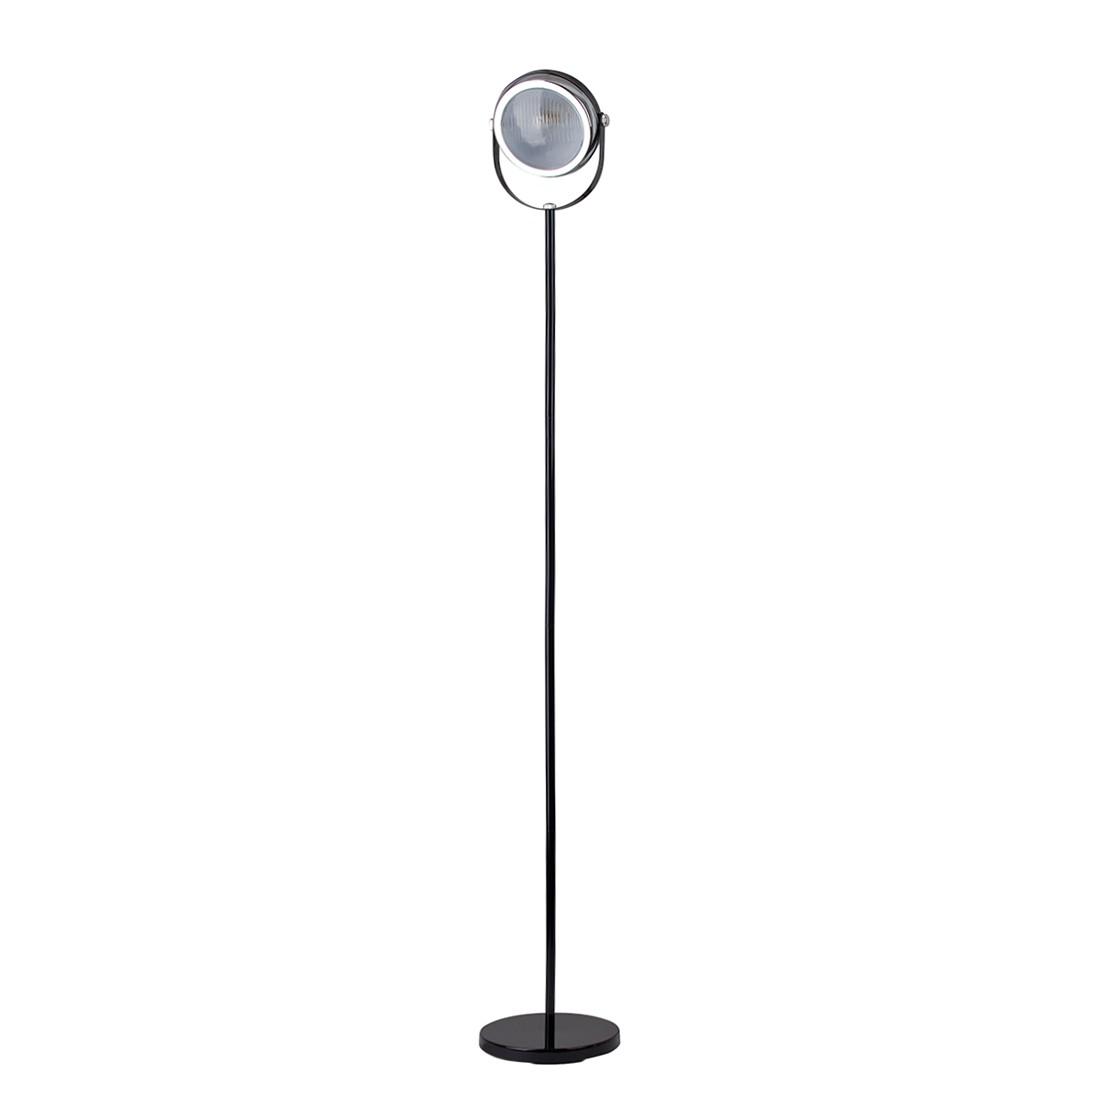 eek a lampadaire rider 1 ampoule brilliant par brilliant chez home24 fr. Black Bedroom Furniture Sets. Home Design Ideas